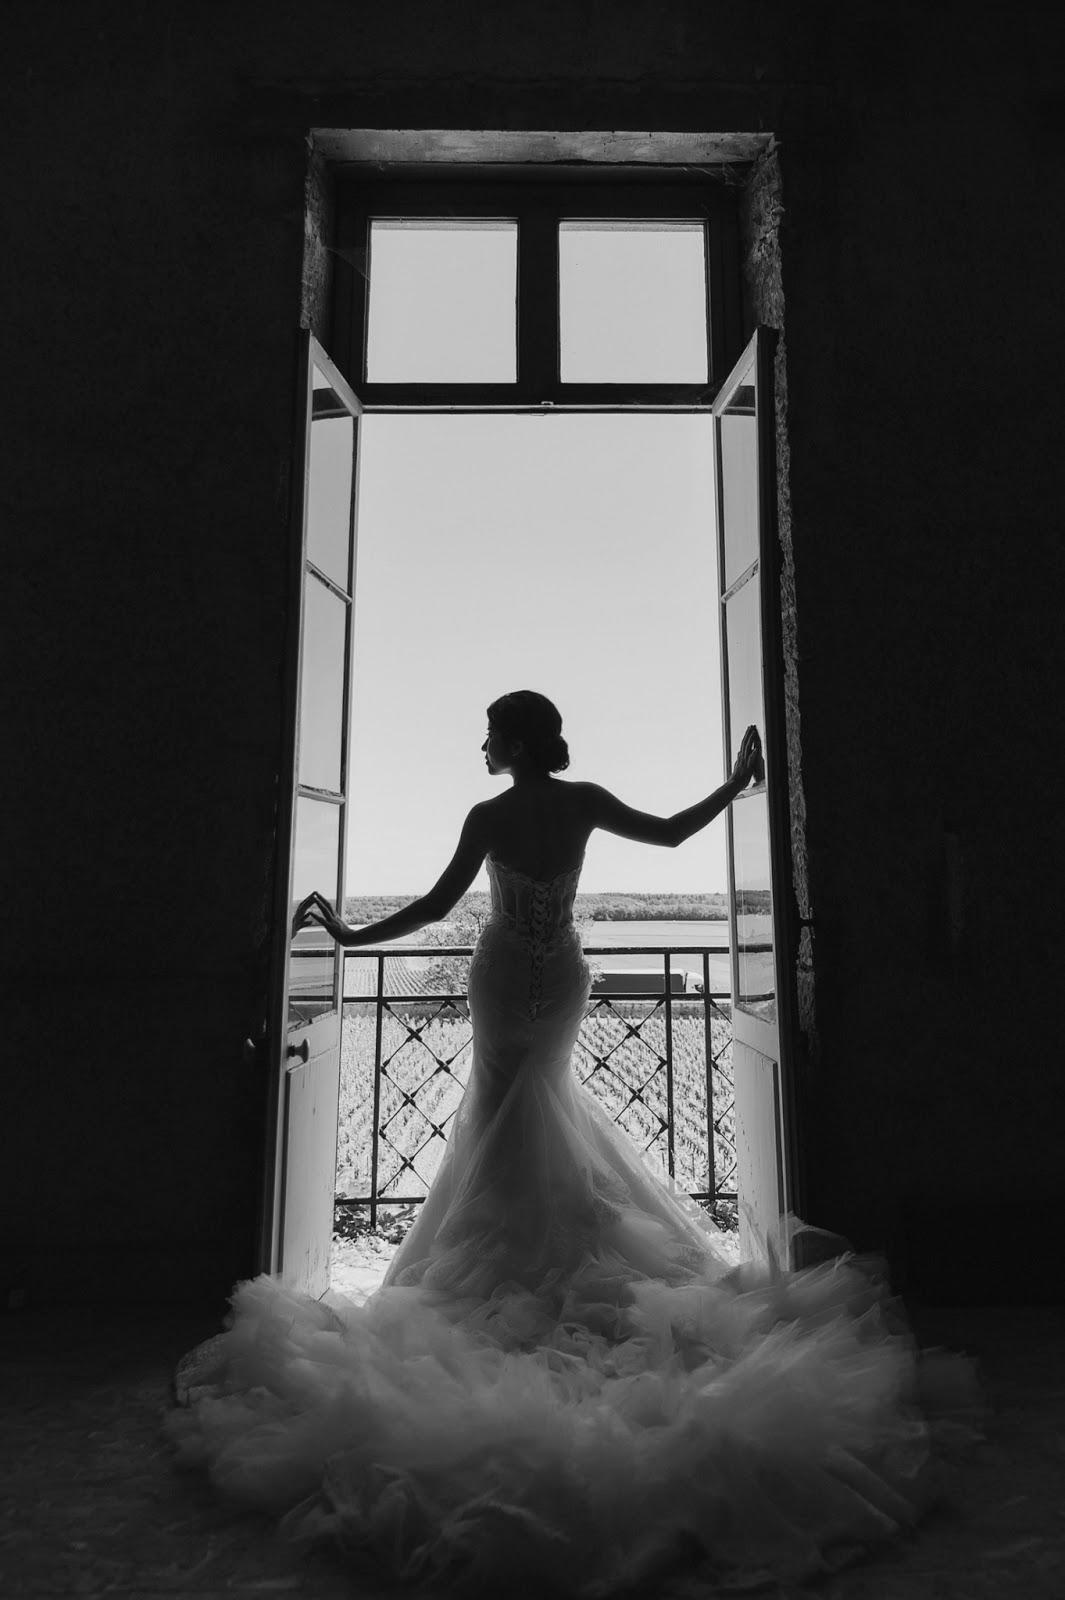 台中新秘, 自助婚紗, 法國巴黎, 法國海外婚紗, 海外婚紗, 新娘秘書, 新娘髮型, 新秘, 新秘阿桂Dabby, 新秘推薦,